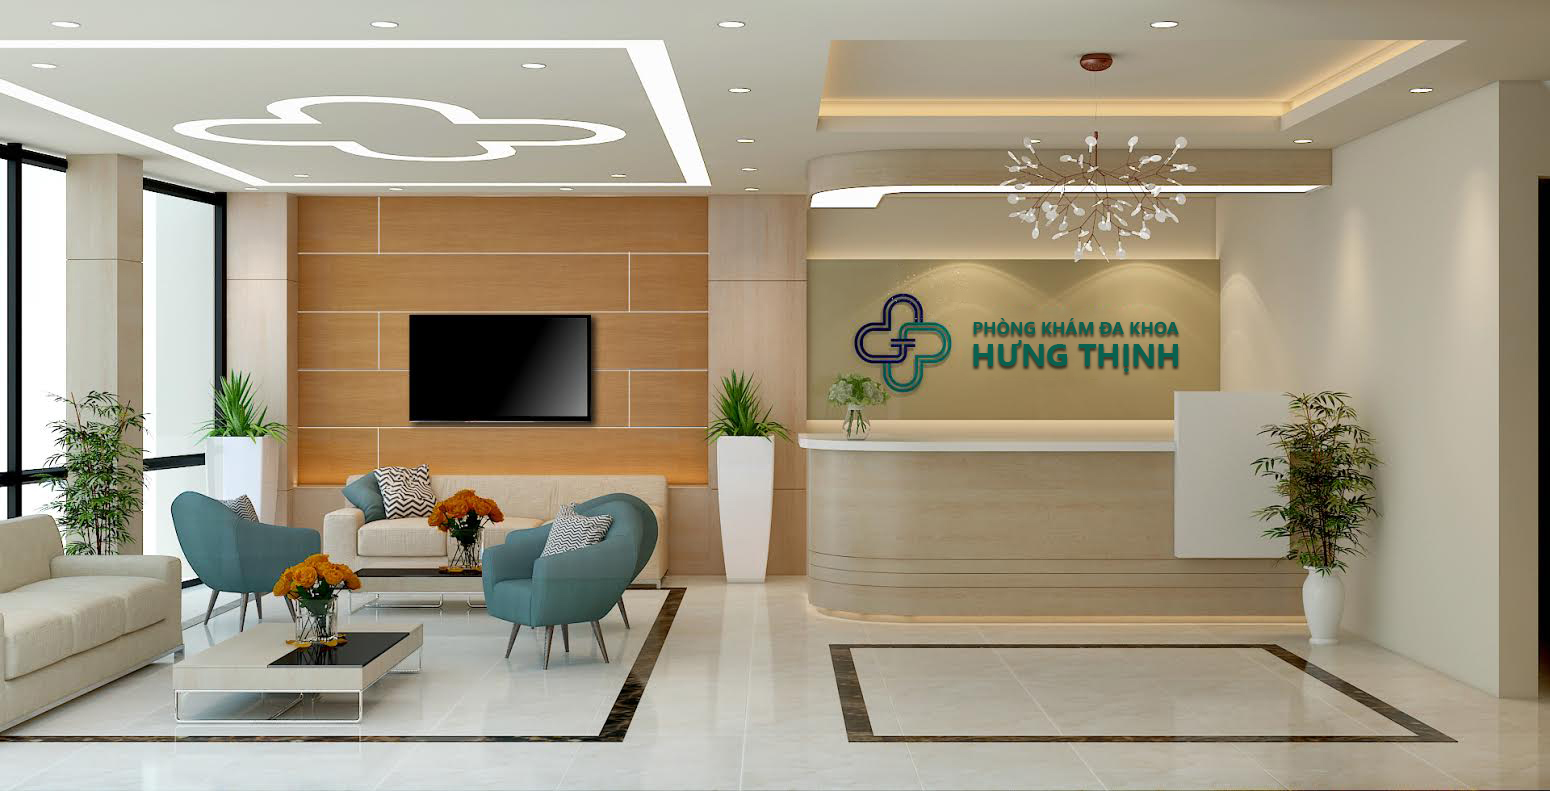 Phòng khám đa khoa nào tốt ở Hà Nội